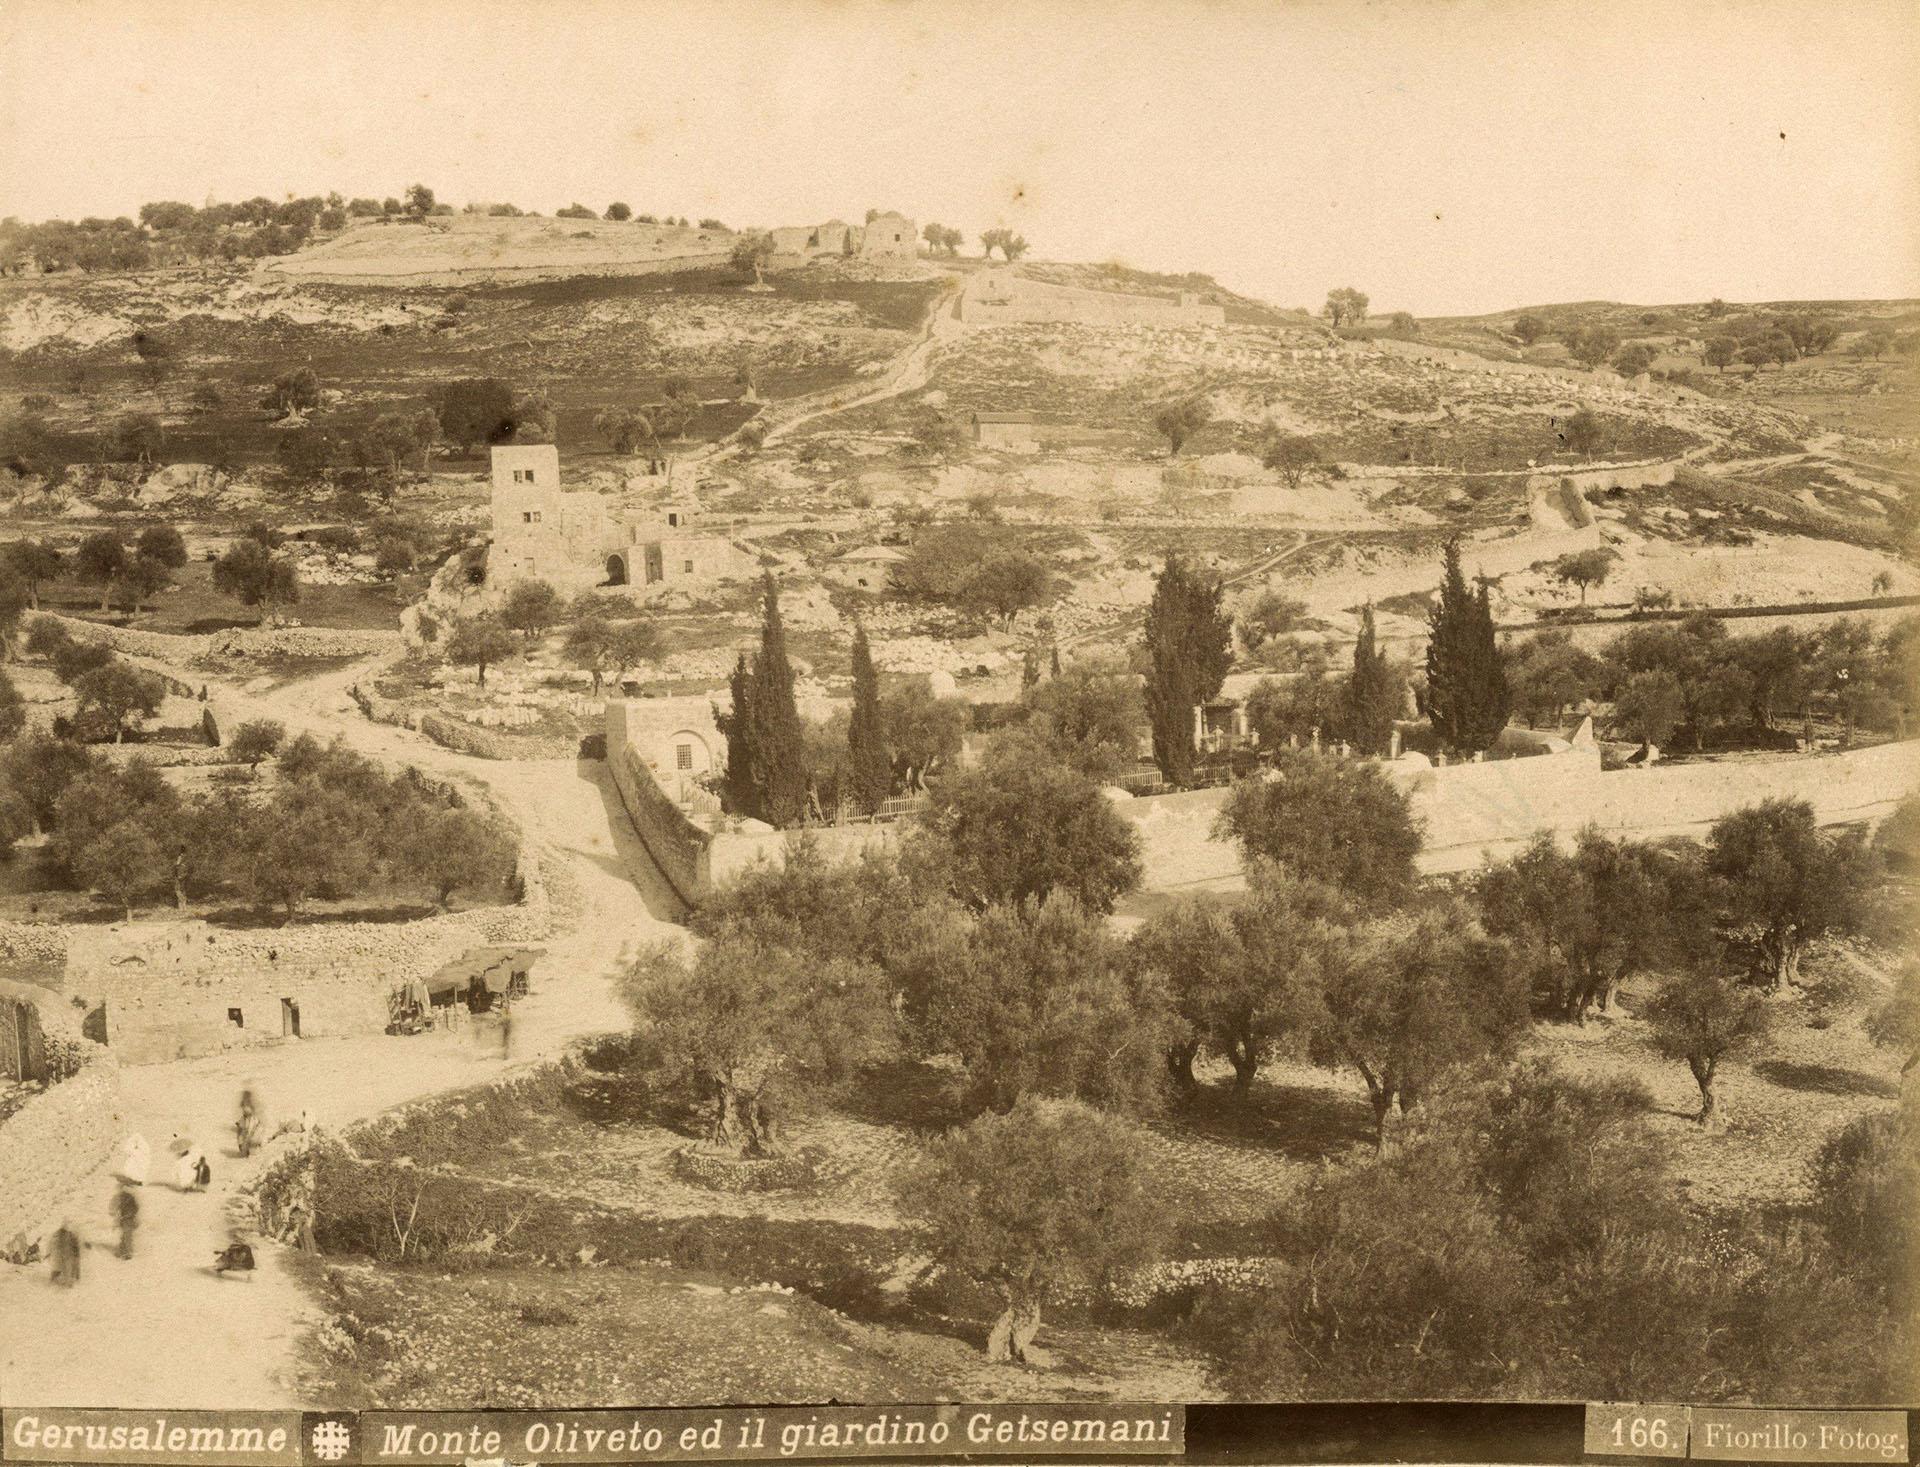 La vista general del Monte de los Olivos y el jardín de Getsemaní en Jerusalén. Fotografía tomada durante la década de 1880. Forma parte del álbum de L. Florillo. EFE/Jacob Wahrman Archive